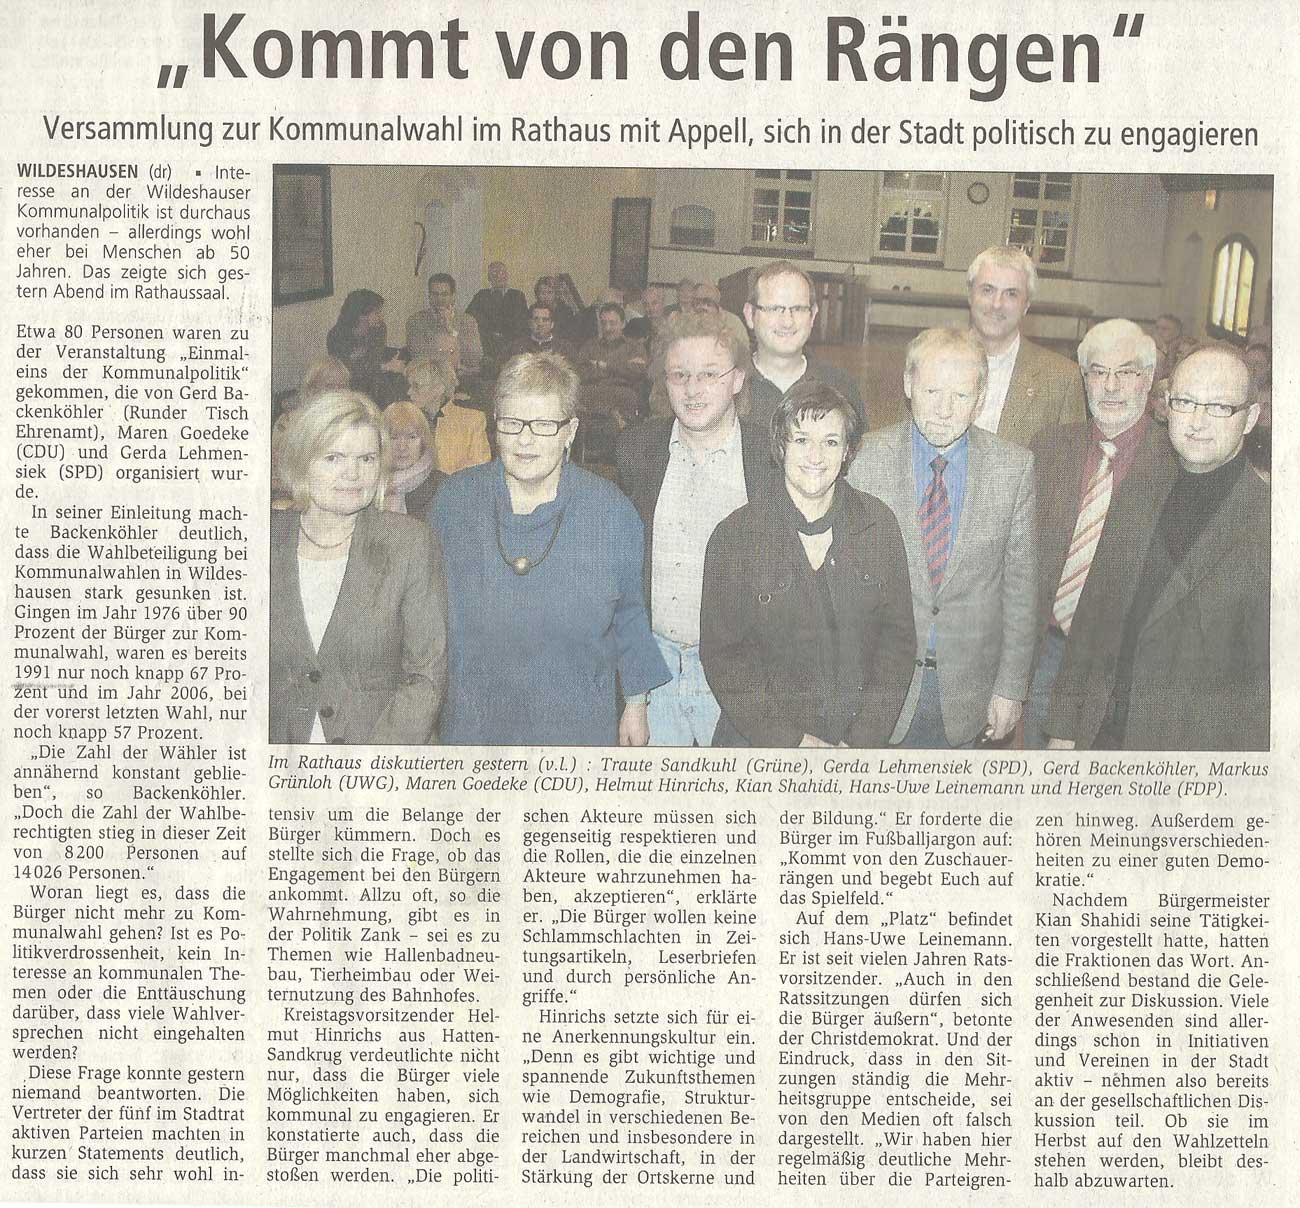 'Kommt von den Rängen'Versammlung zur Kommunalwahl im Rathaus mit Appell, sich in der Stadt politisch zu engagierenArtikel vom 25.11.2010 (WZ)